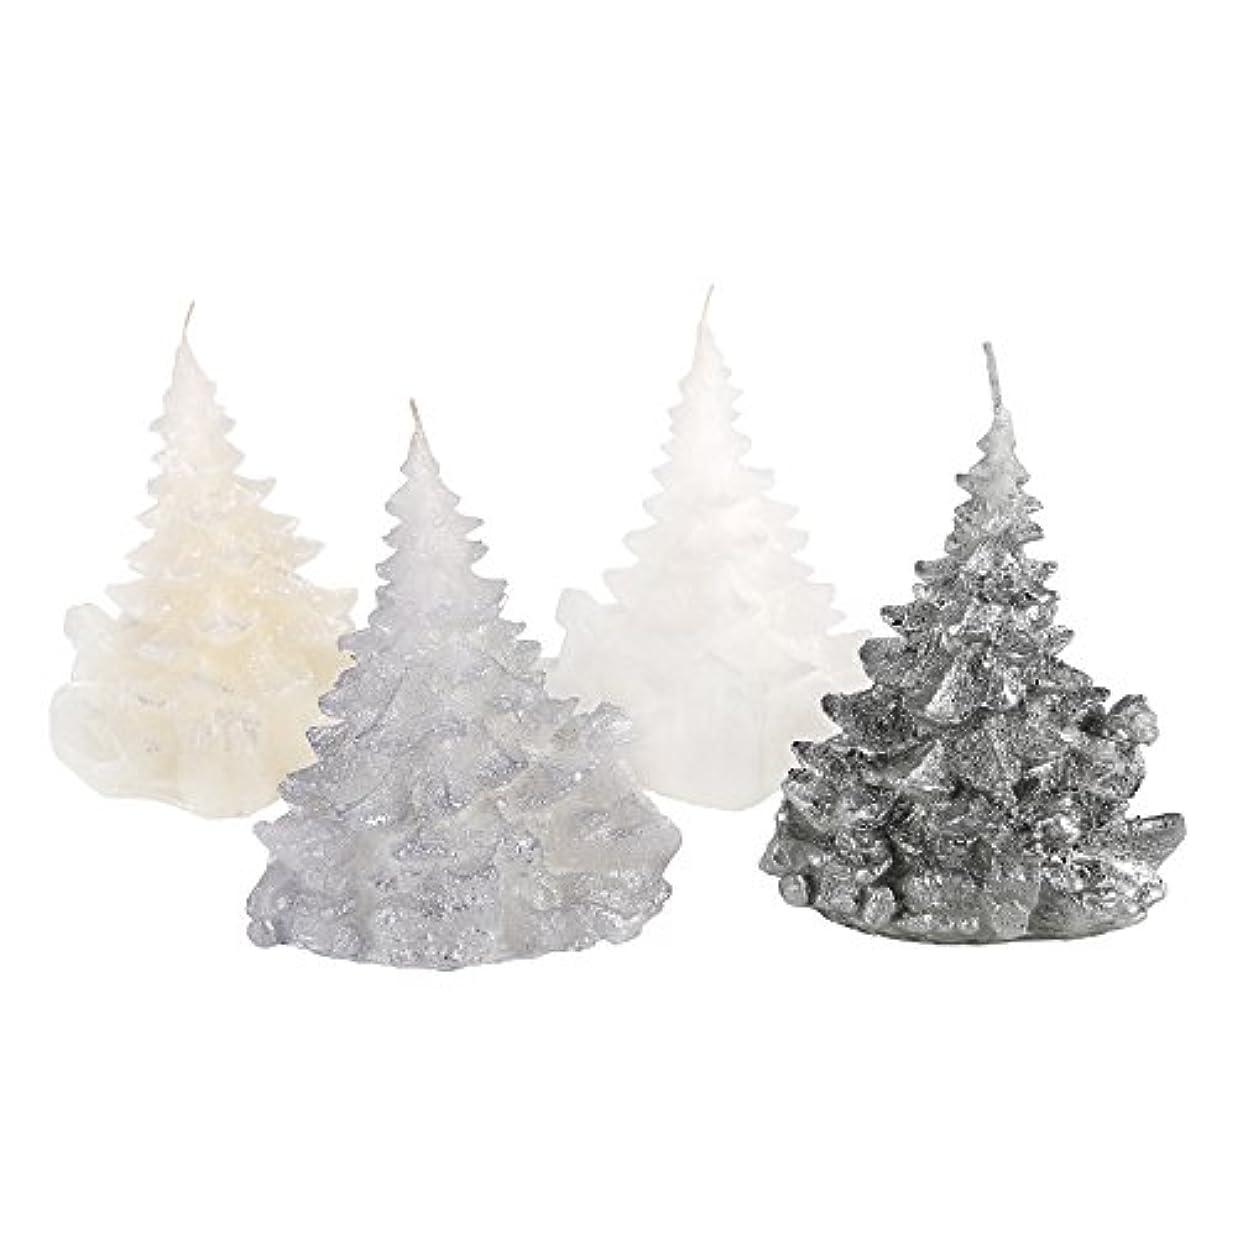 枕クラックポット傾向がありますCandle Atelierハンドメイド休日キャンドル Merry Christmas Trees 4F1-CTP1VTW-0SP